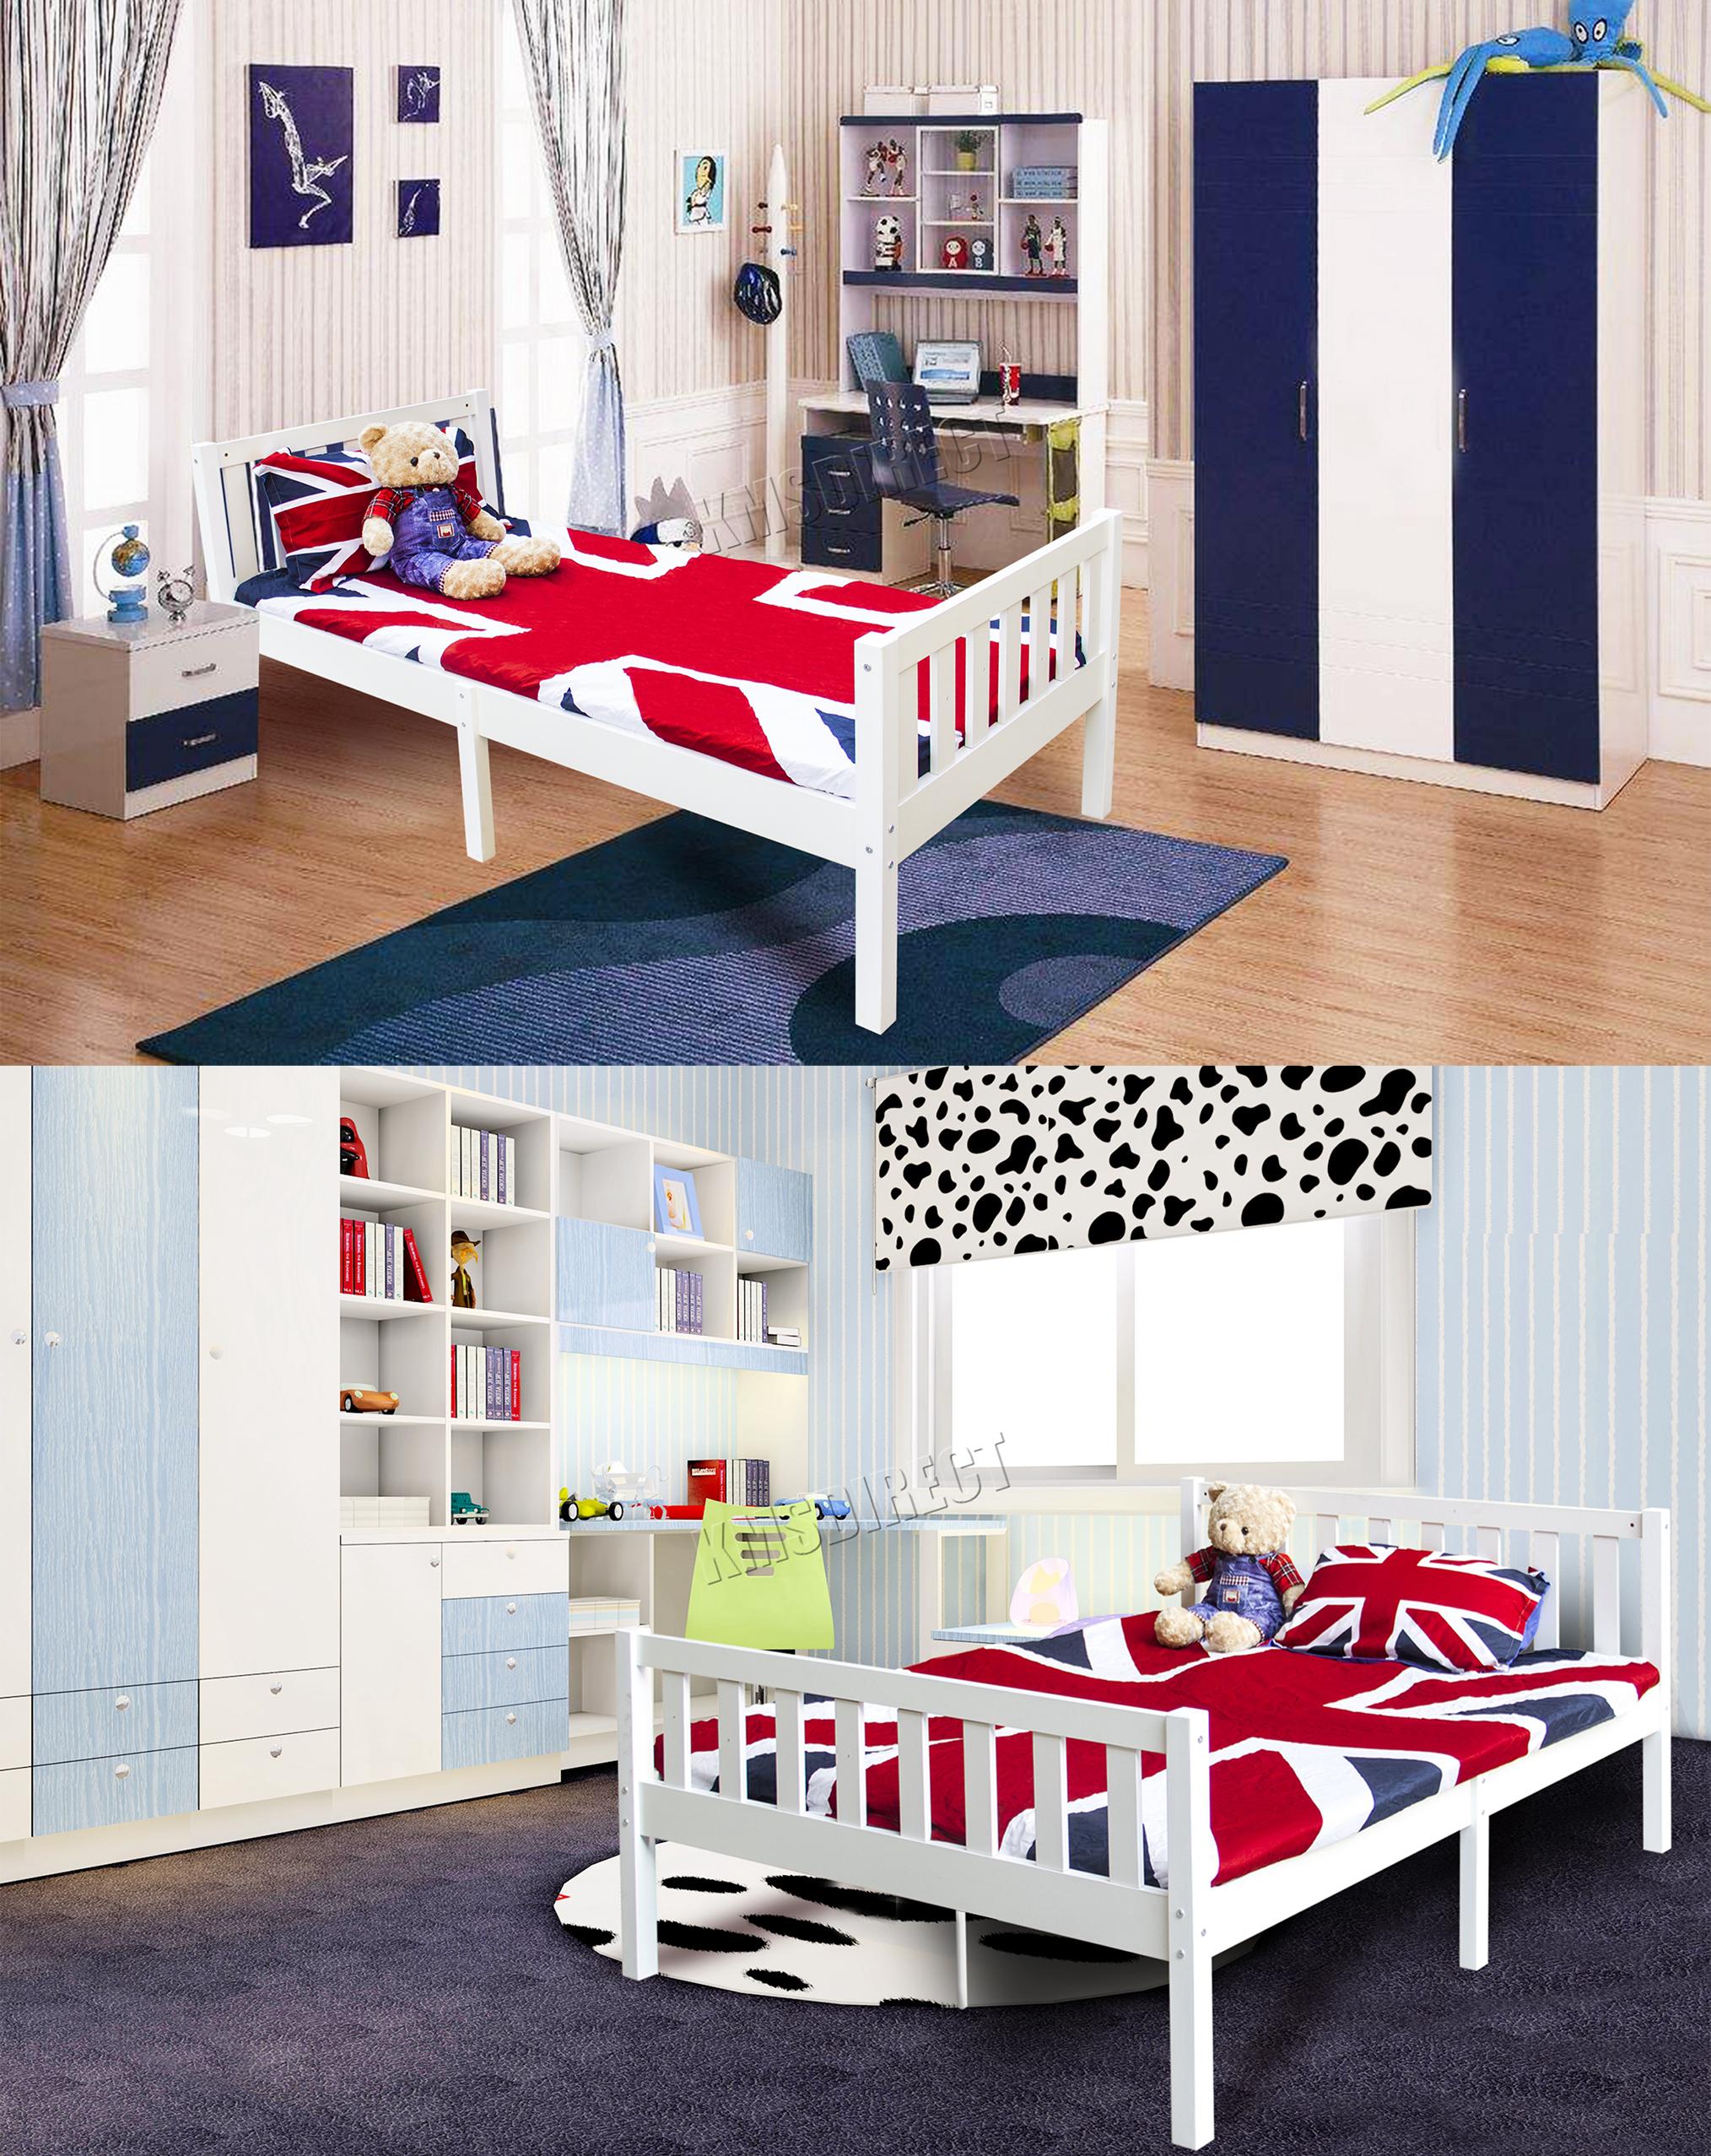 Westwood Madera Marco Cama Pino Macizo Muebles De Dormitorio Hogar  # Duty Muebles Para El Hogar